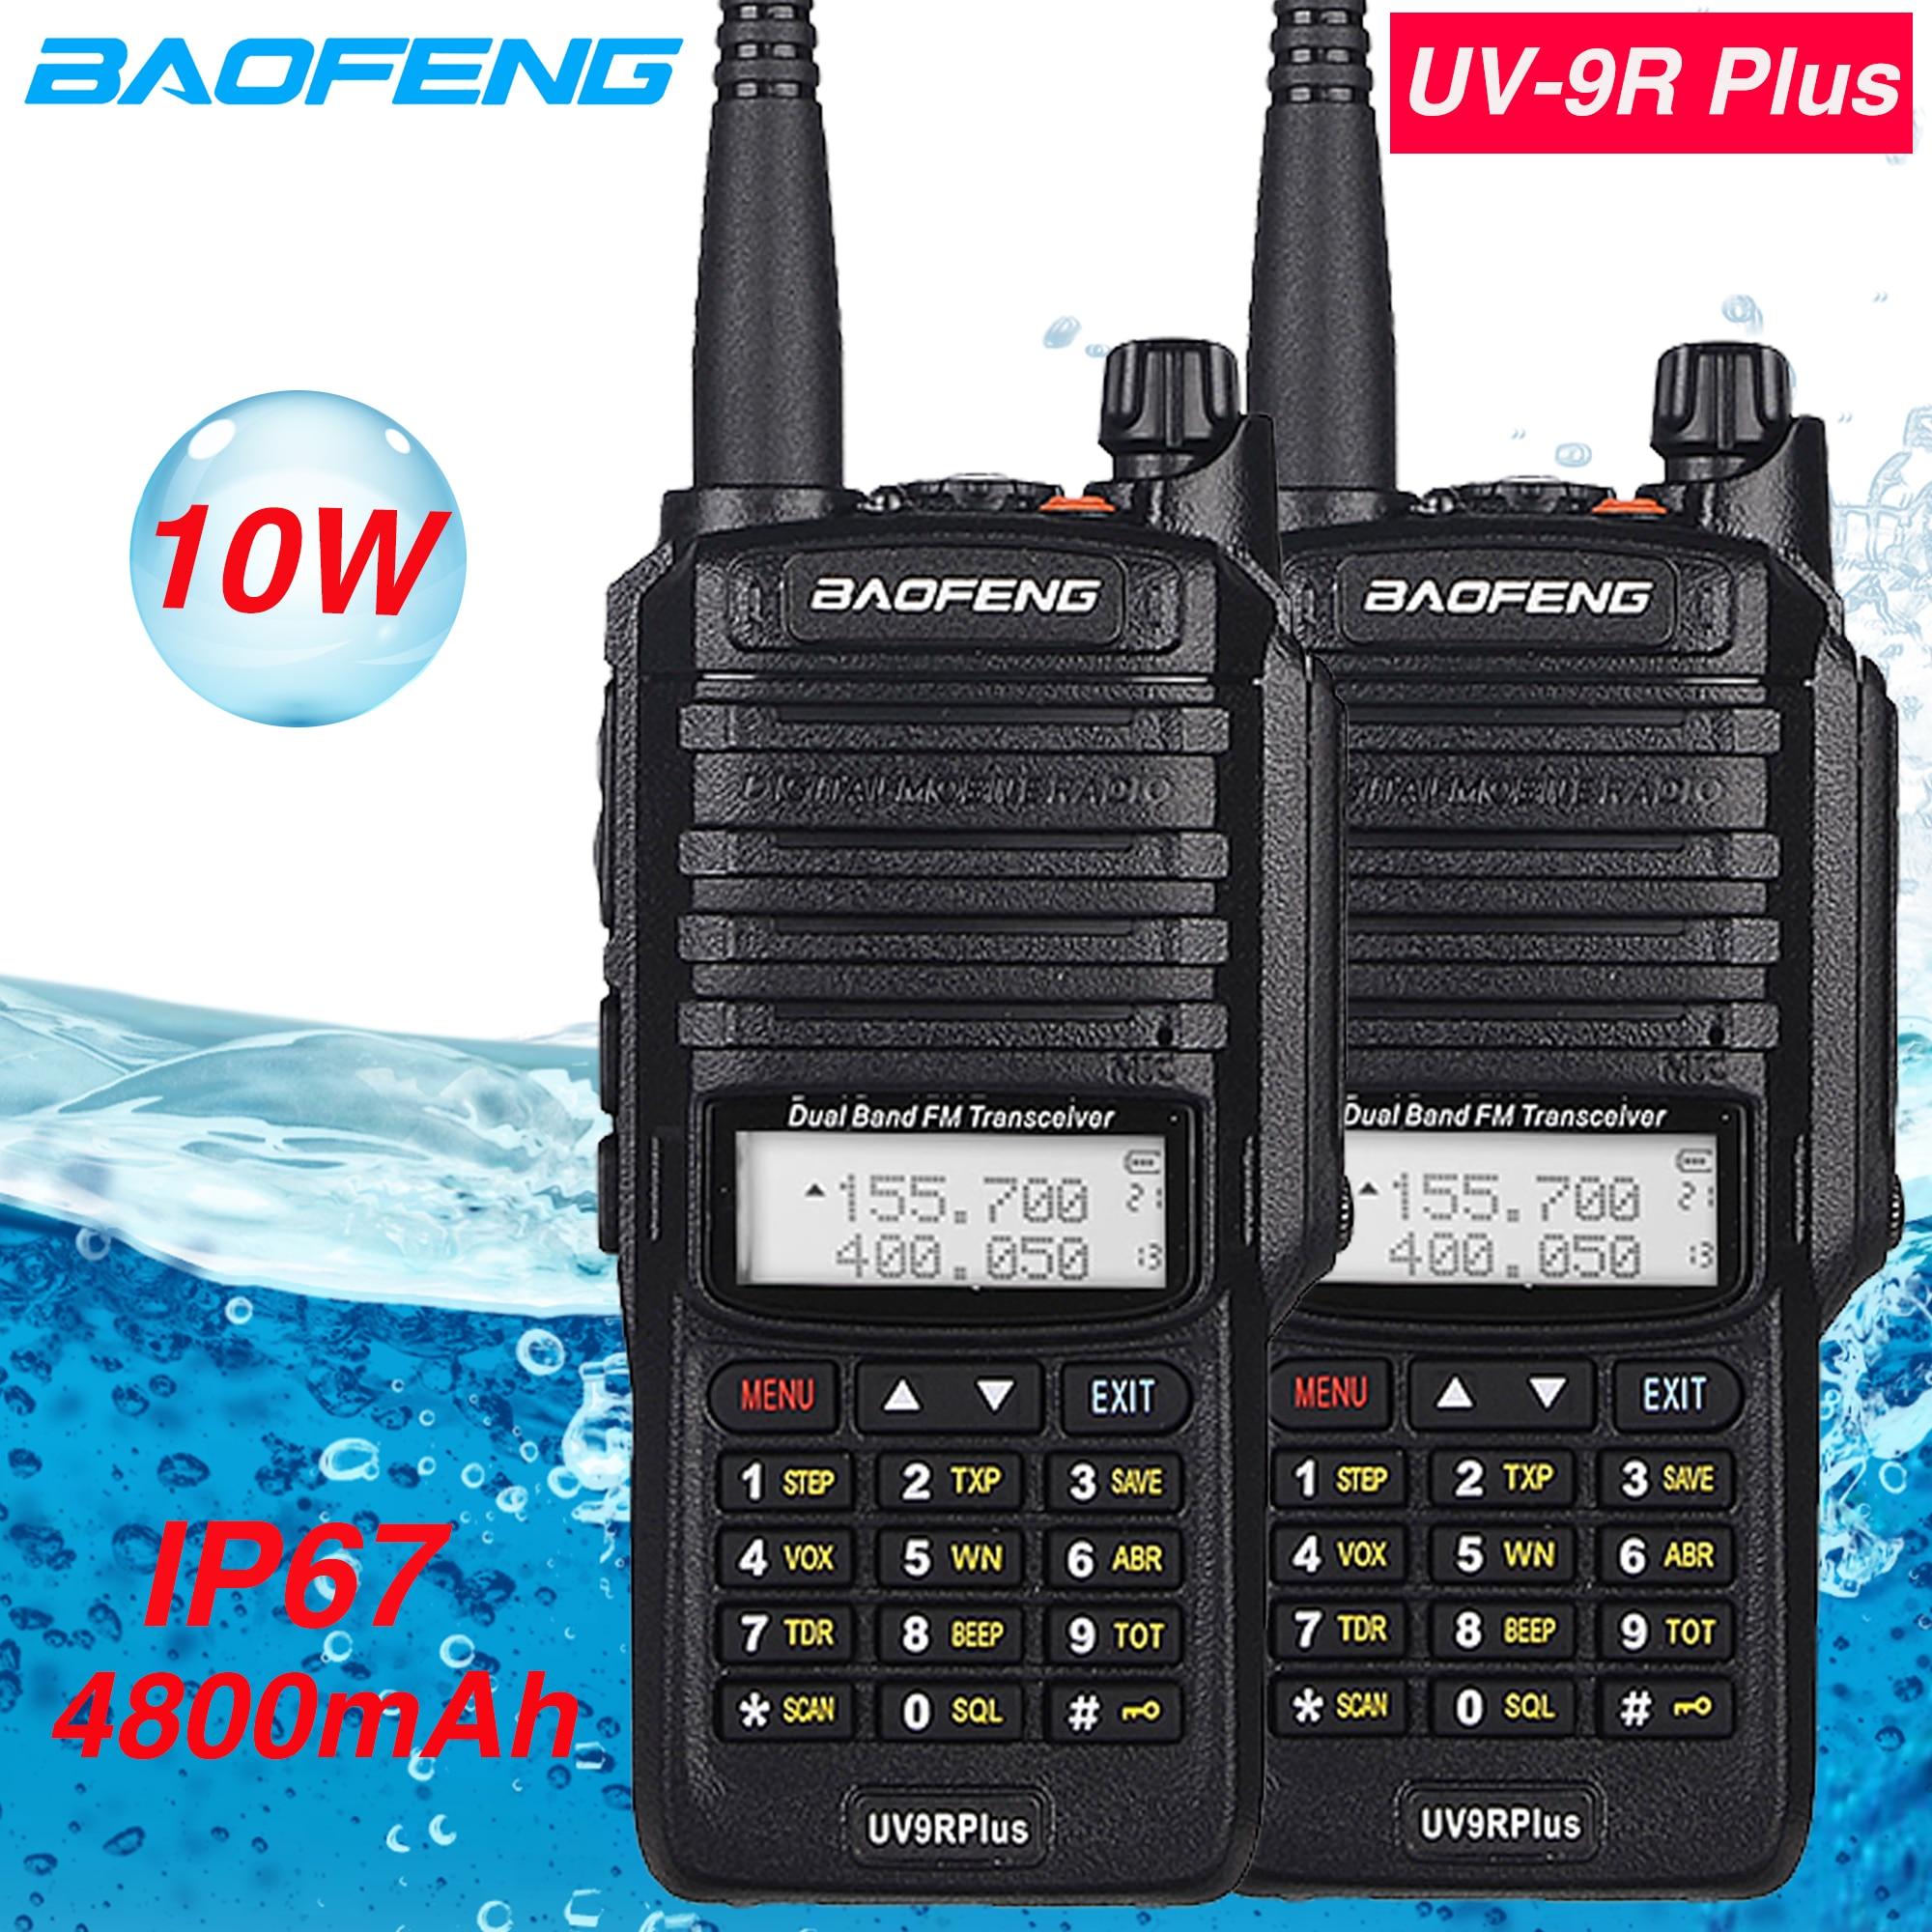 Waterproof 10W Baofeng Uv-9r Plus Walkie Talkie Two Way Radio 10KM Dual Band Portable CB Ham Radio 4800 MAh UV9R Professional